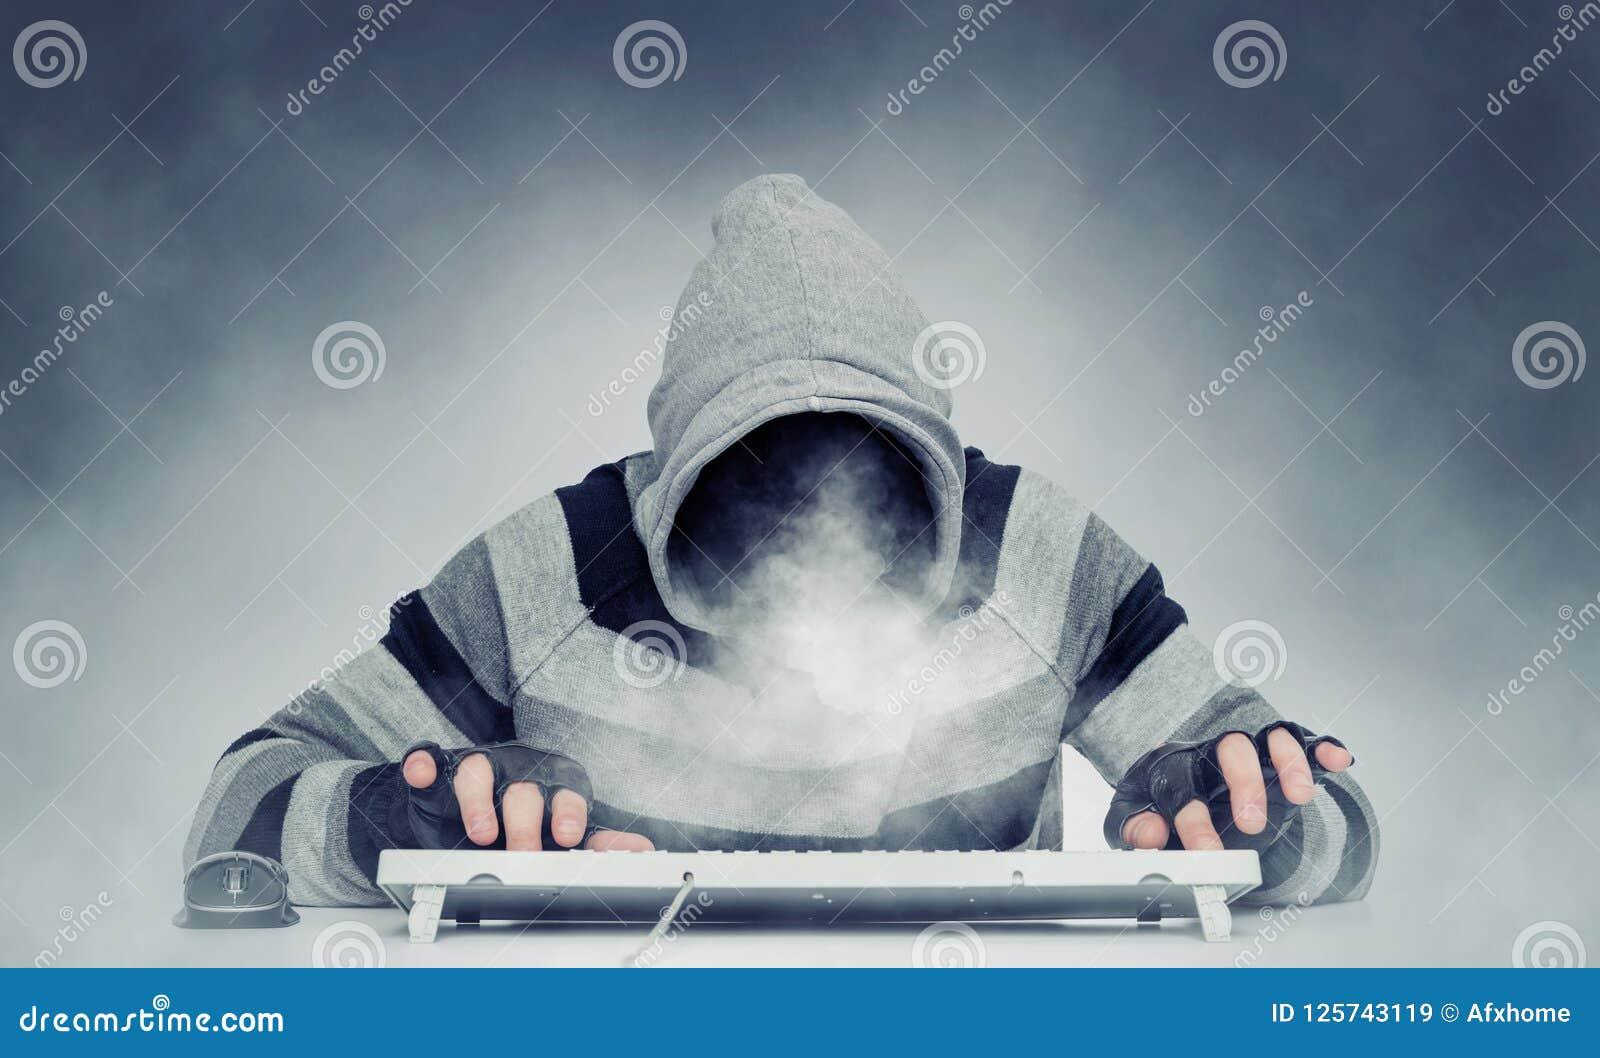 Hombre malvado del pirata informático anónimo en la sudadera con capucha detrás del teclado, humo en vez de la cara